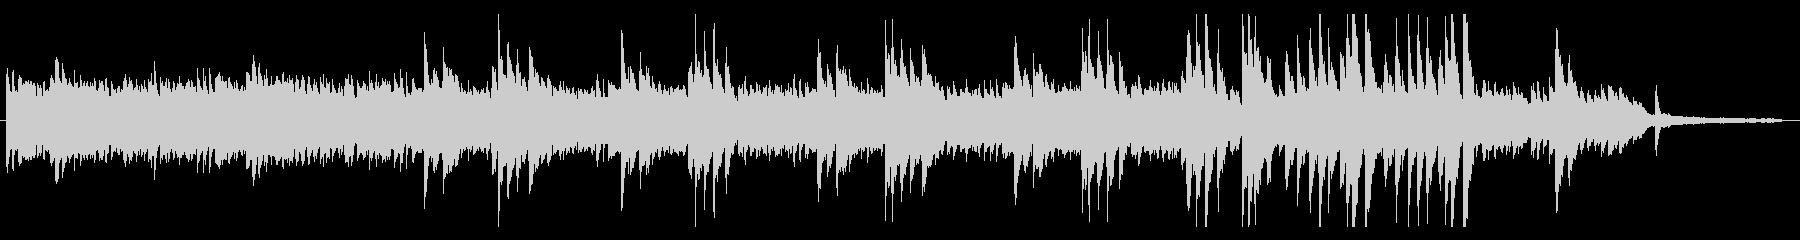 穏やかな曲調のアコースティックBGMの未再生の波形